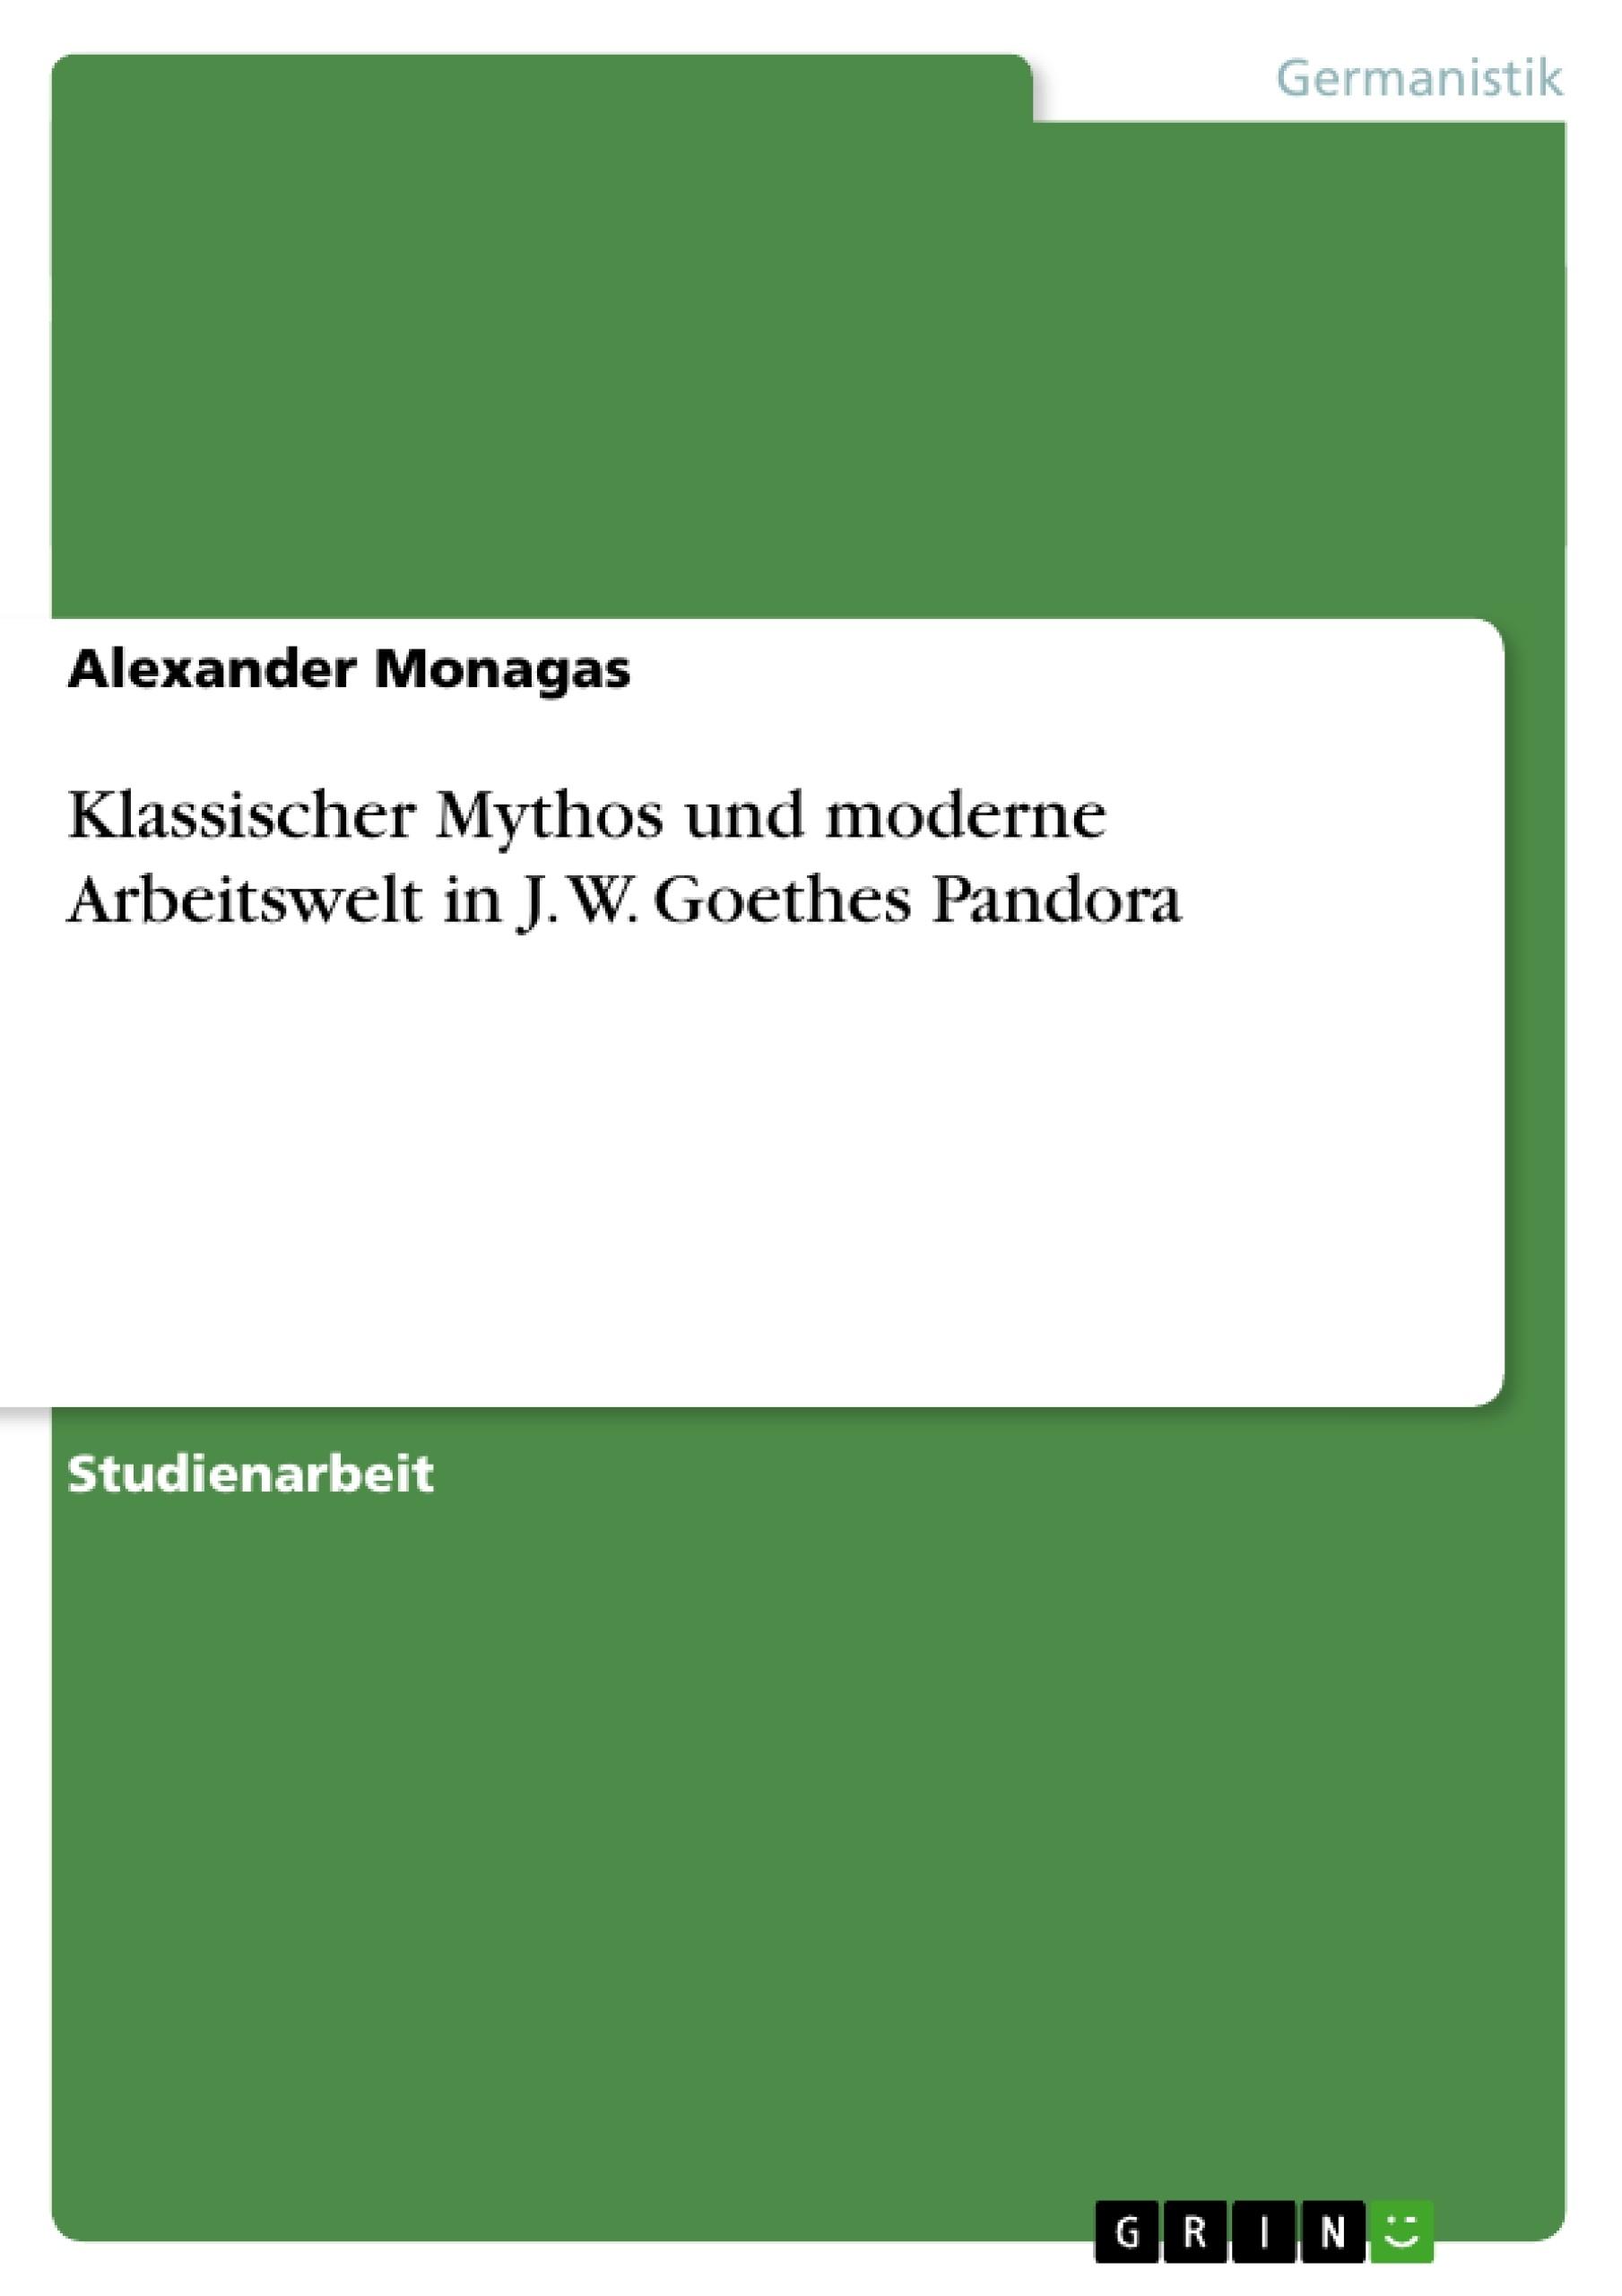 Titel: Klassischer Mythos und moderne Arbeitswelt in J. W. Goethes Pandora